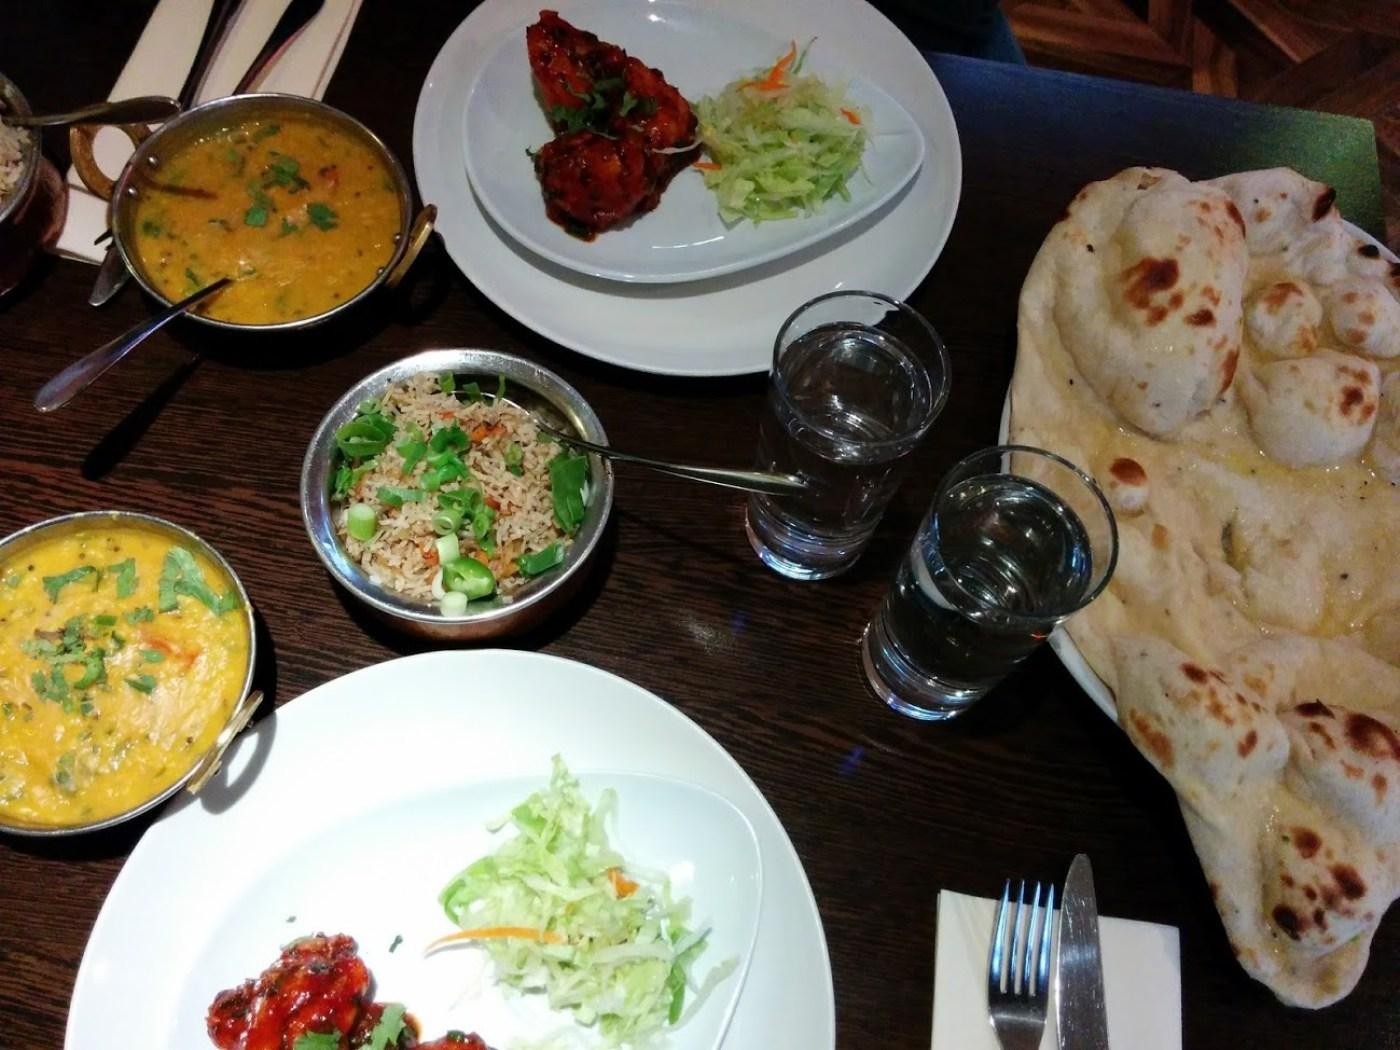 Faccio come mi pare blog, dove mangiare ad aberdeen, mangiare ad aberdeen, locali ad aberdeen, mangiare bene aberdeen, Rishis